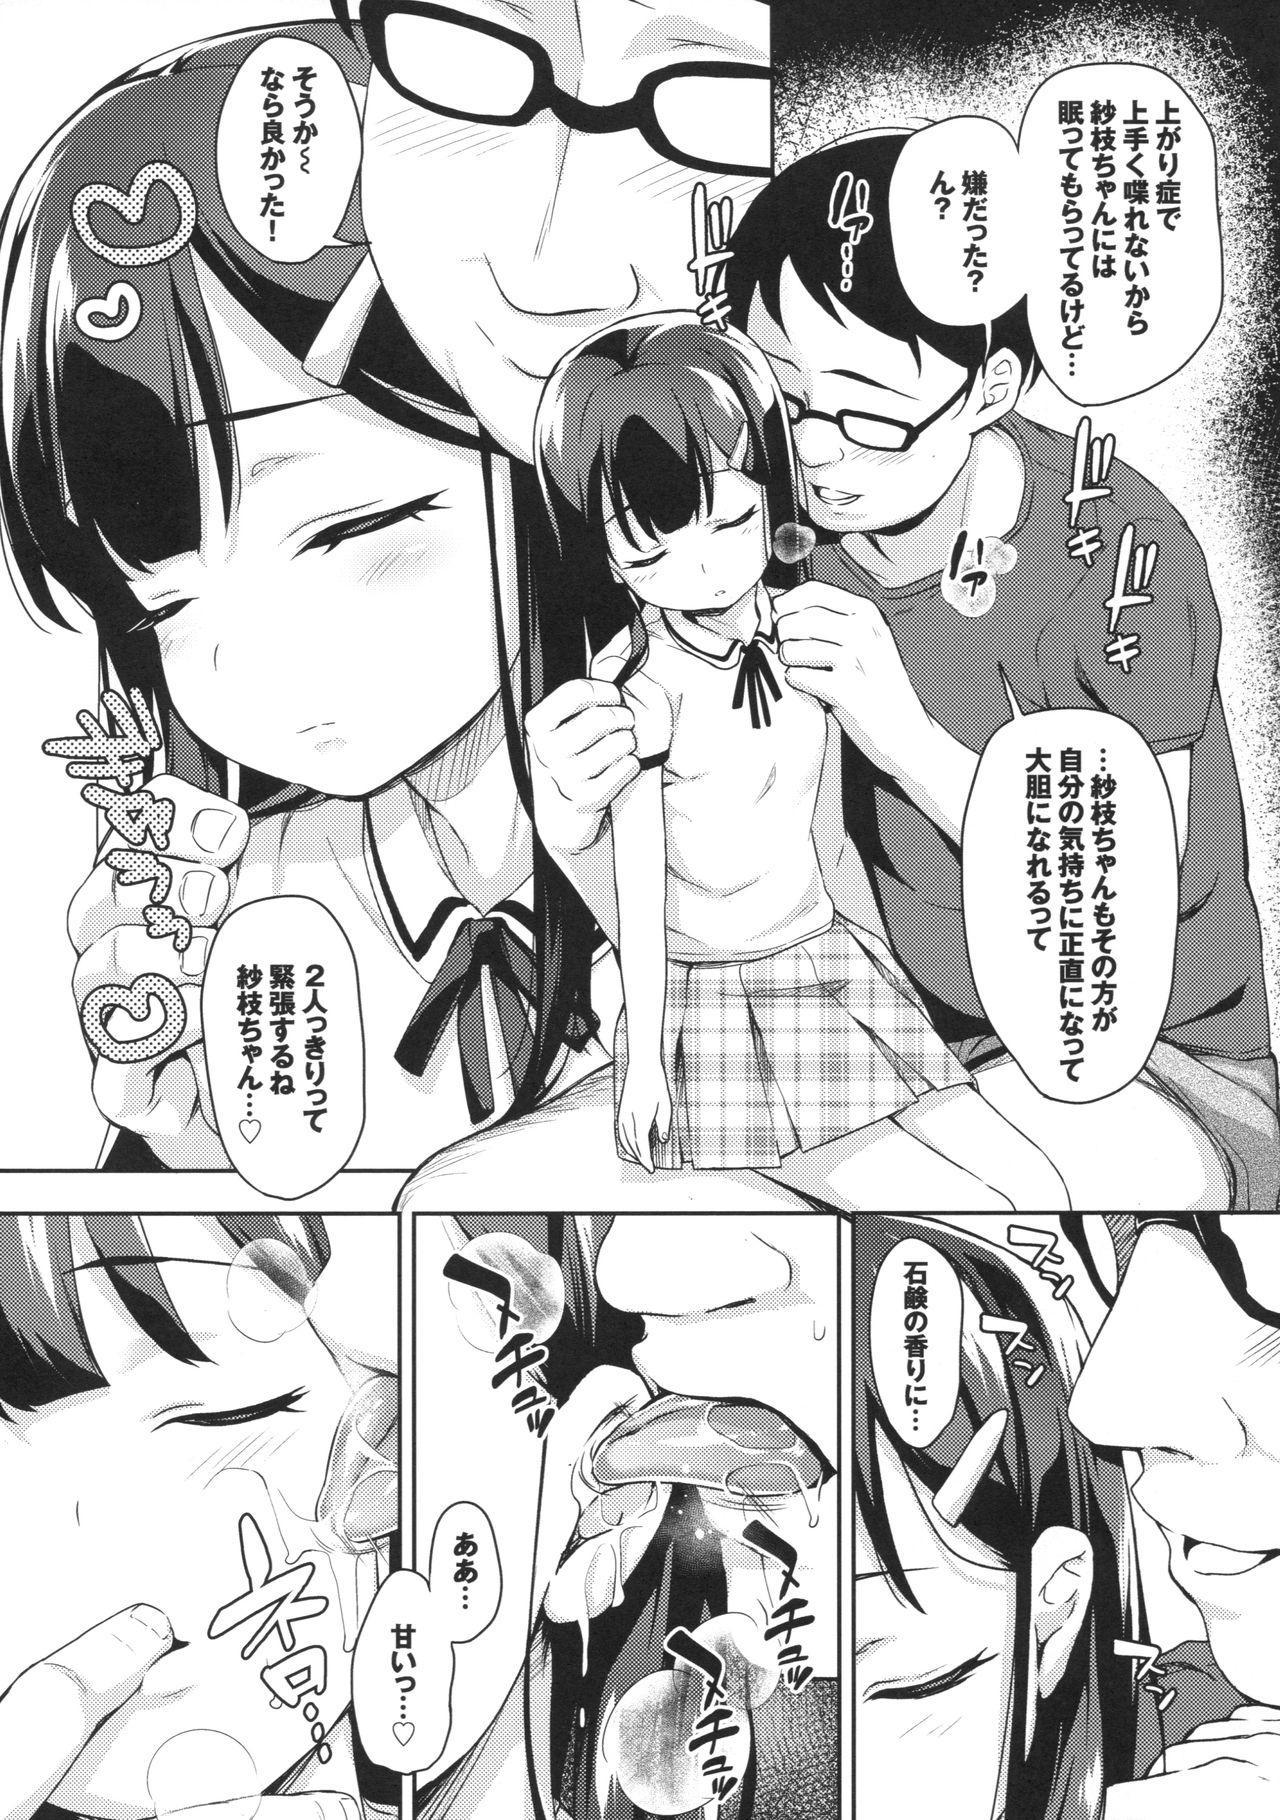 Sae-chan no Hatsutaiken 5